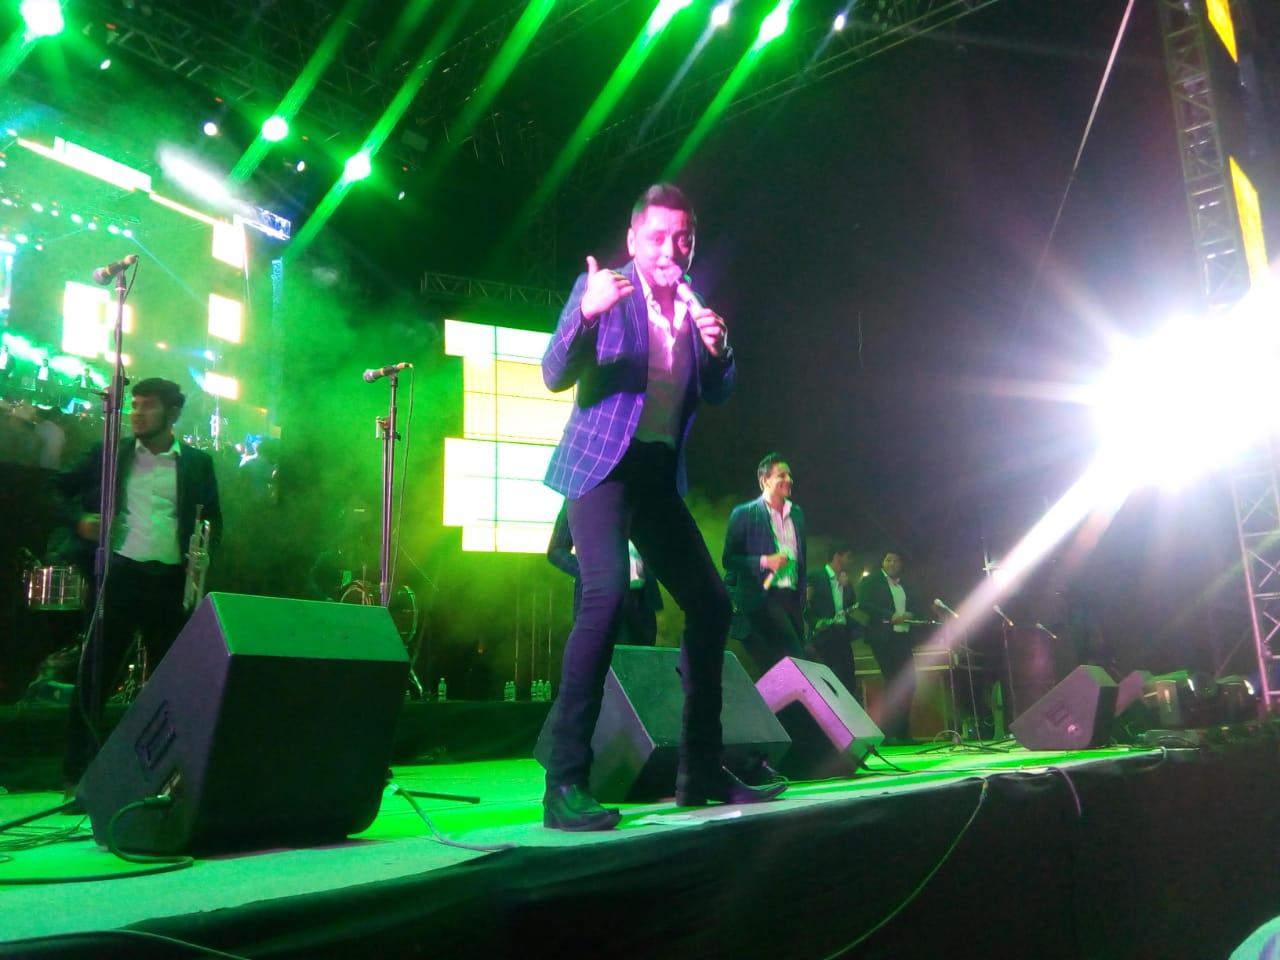 2do. Día de conciertos del Teatro del Pueblo de la Feria Ganadera Sinaloa